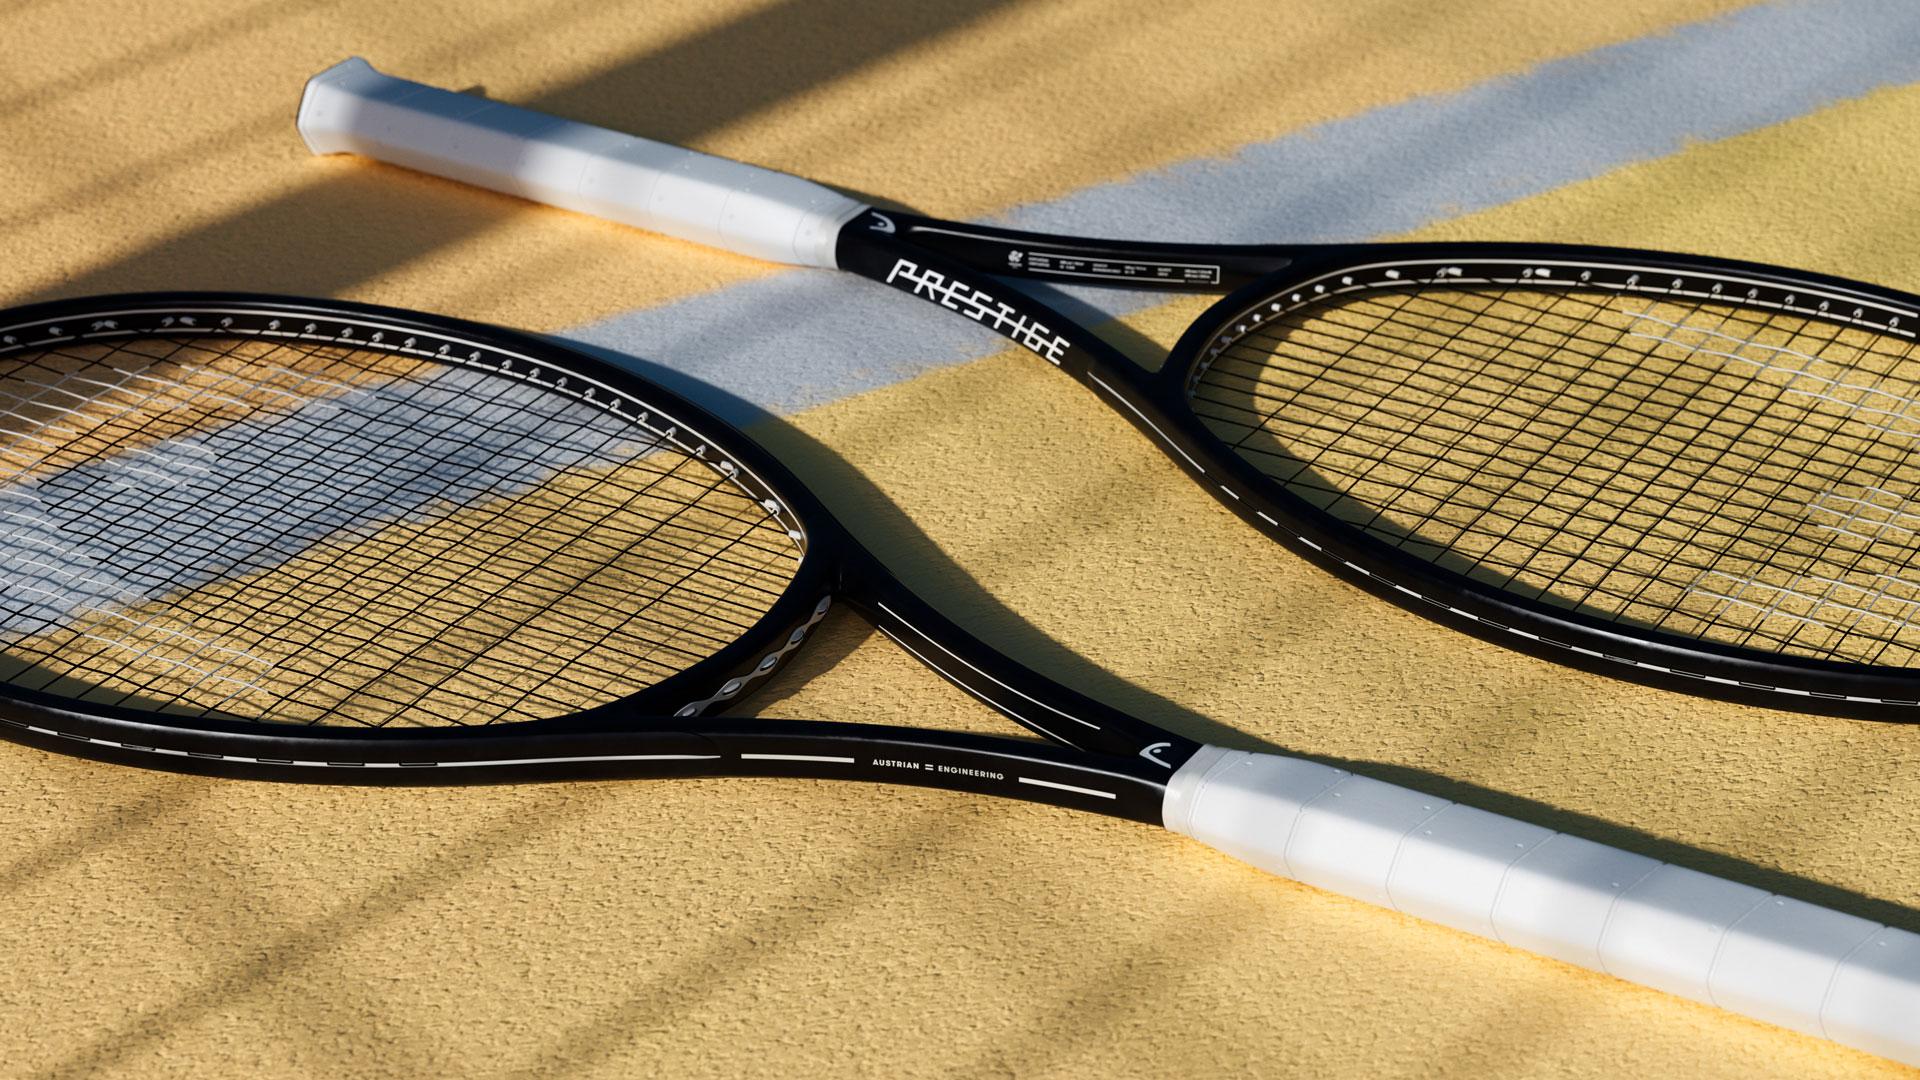 Tennis, Schatten, Schläger, Platz, Netz